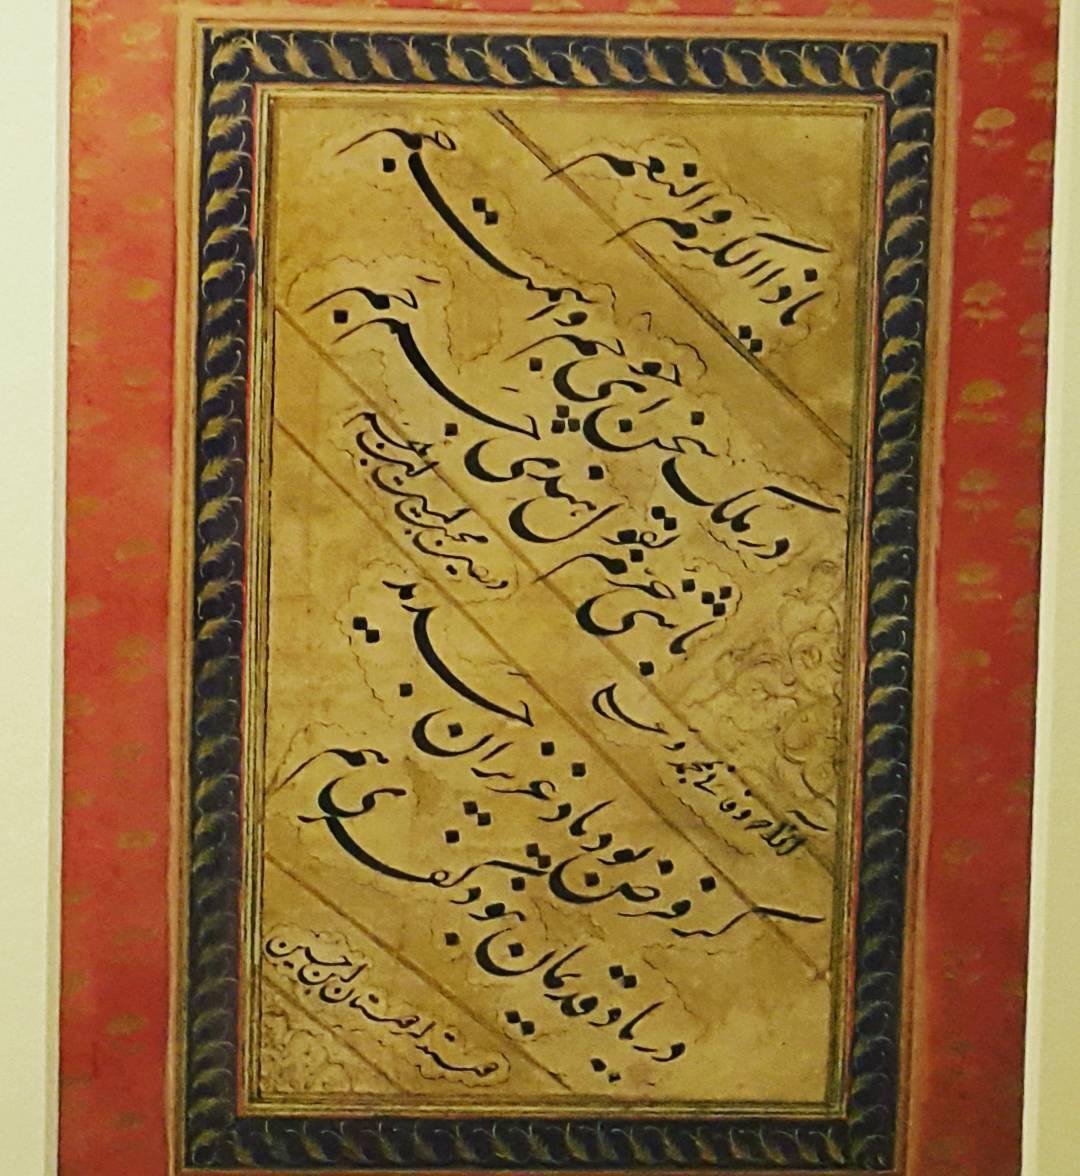 Khat Diwani Ajhalawani/Amr مخطوطة ب #خط_التعليق من القرن الثامن عشر من الميلاد وجدت في الهند. إحدى مقتنيات … 51